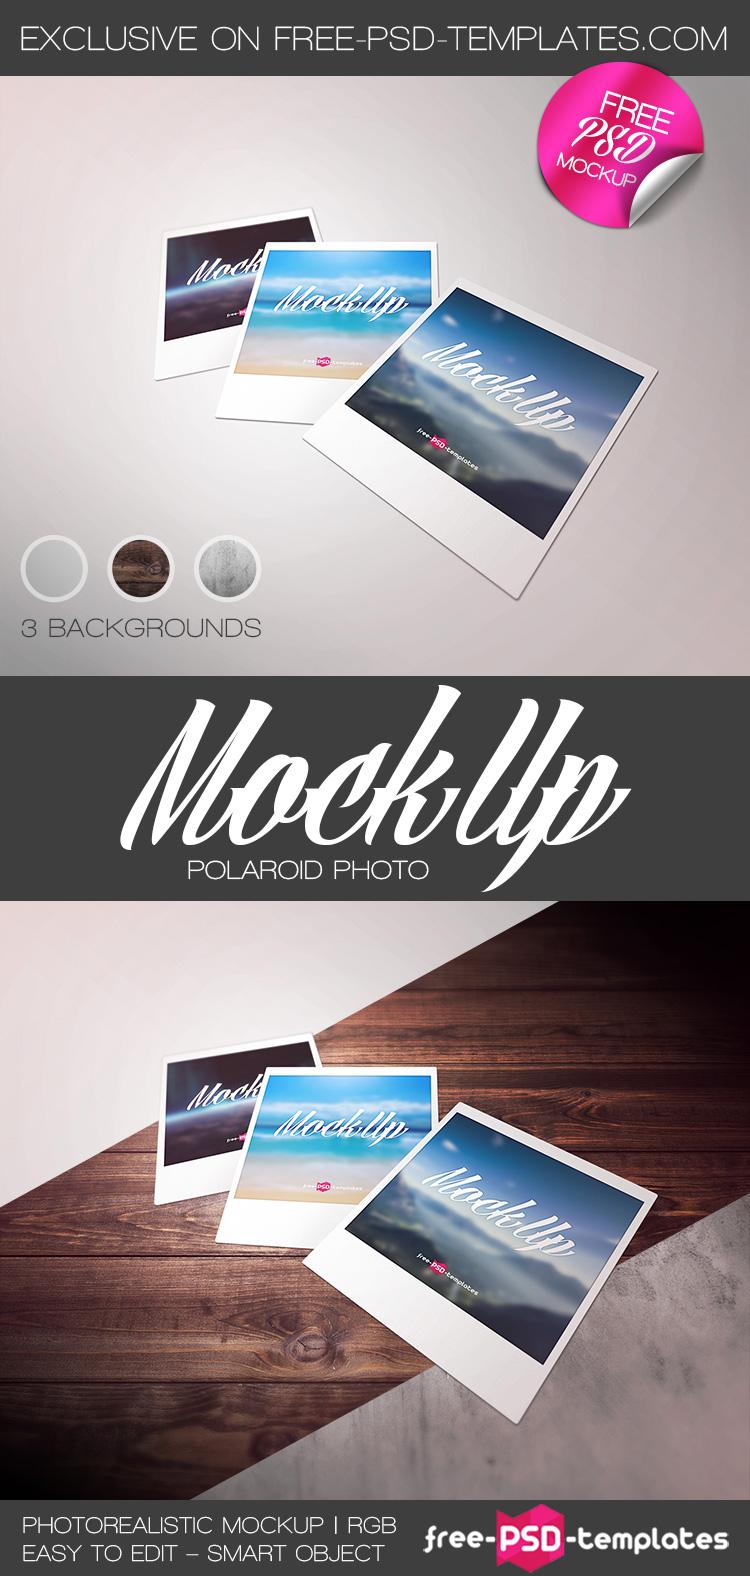 adobe photoshop 7.0 user manual pdf free download